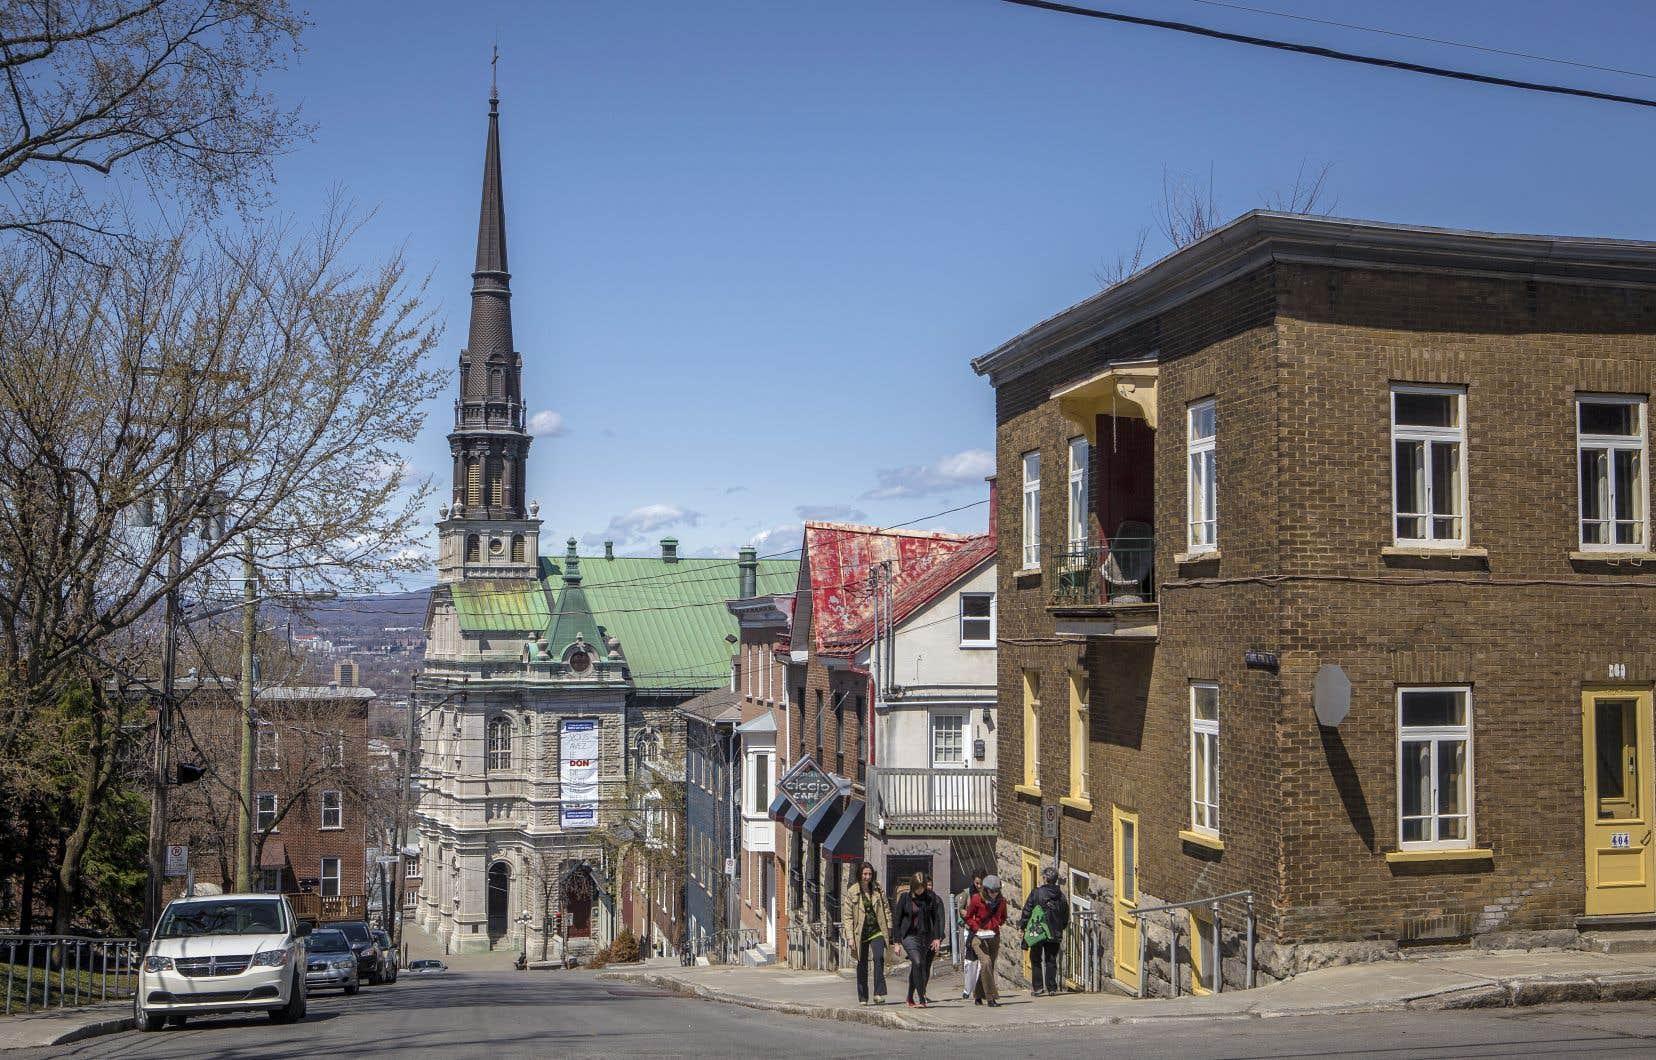 Plus que jamais, il nous incombe de tout faire pour que les belles églises de Québec demeurent des espaces collectifs identitaires, croit l'auteur. Sur la photo, l'église Saint-Jean-Baptiste de Québec, située dans l'arrondissement de La Cité-Limoilou.